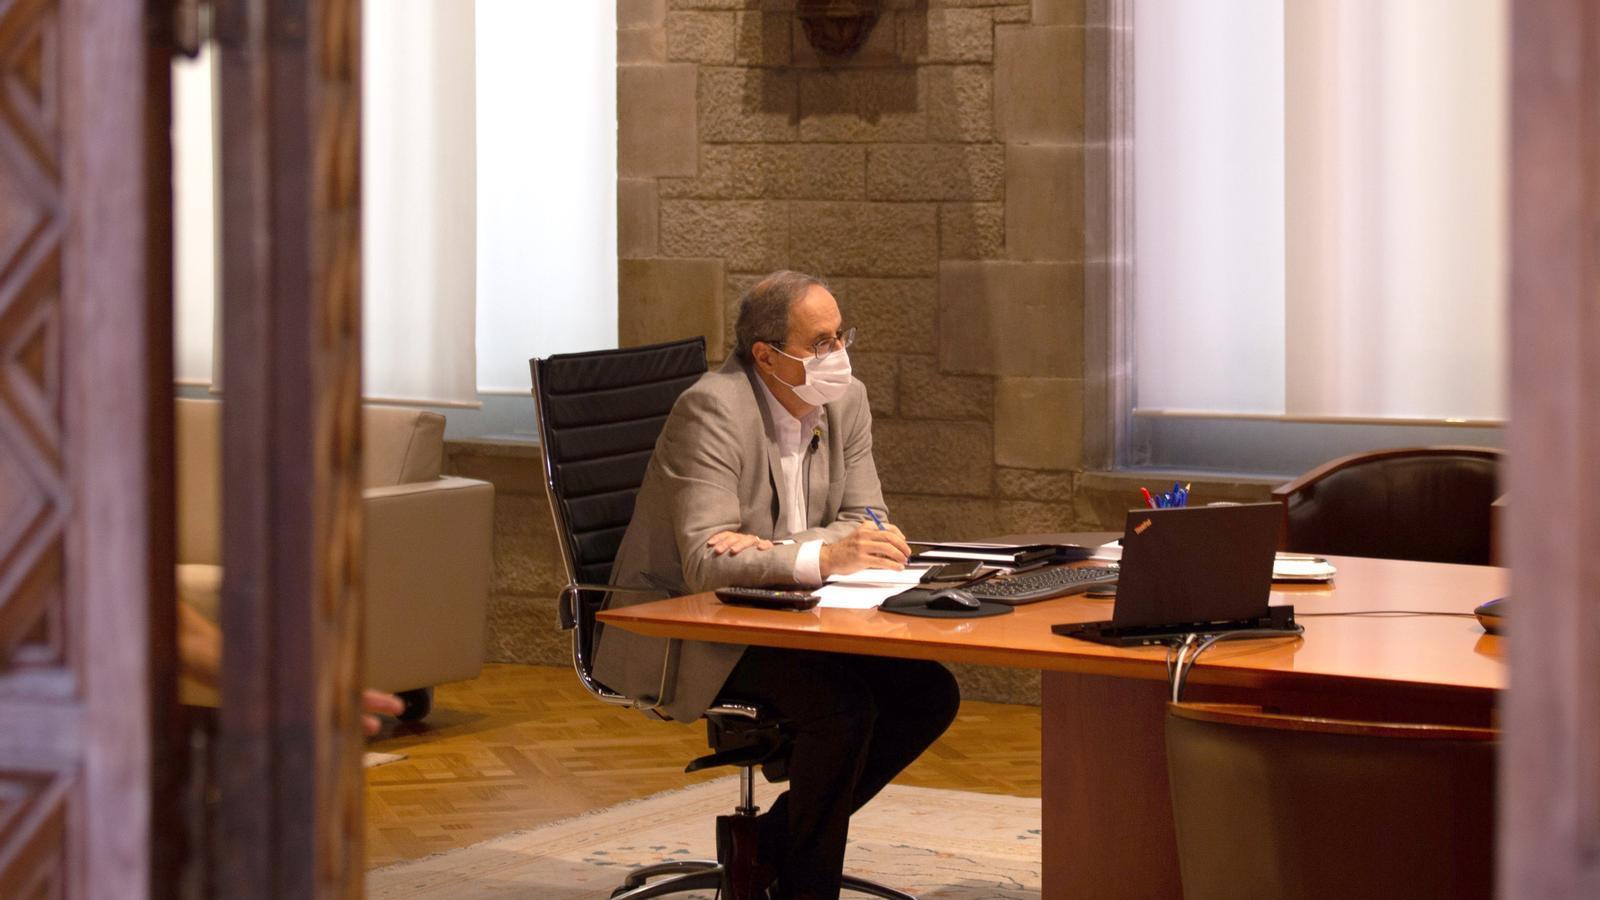 L'anàlisi d'Antoni Bassas: Torra dona més recorregut al govern que no en tenia